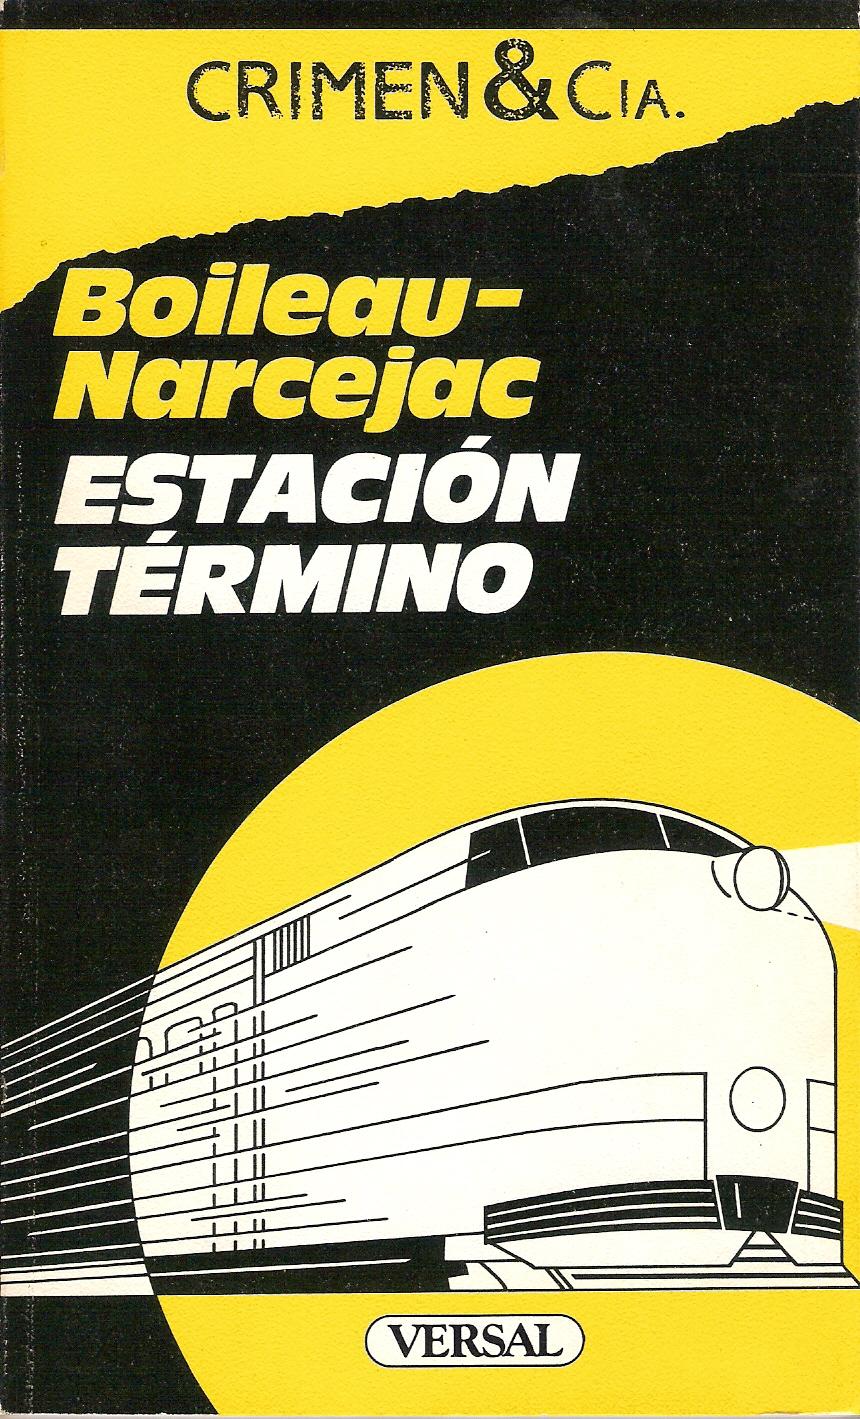 Image of Estación término